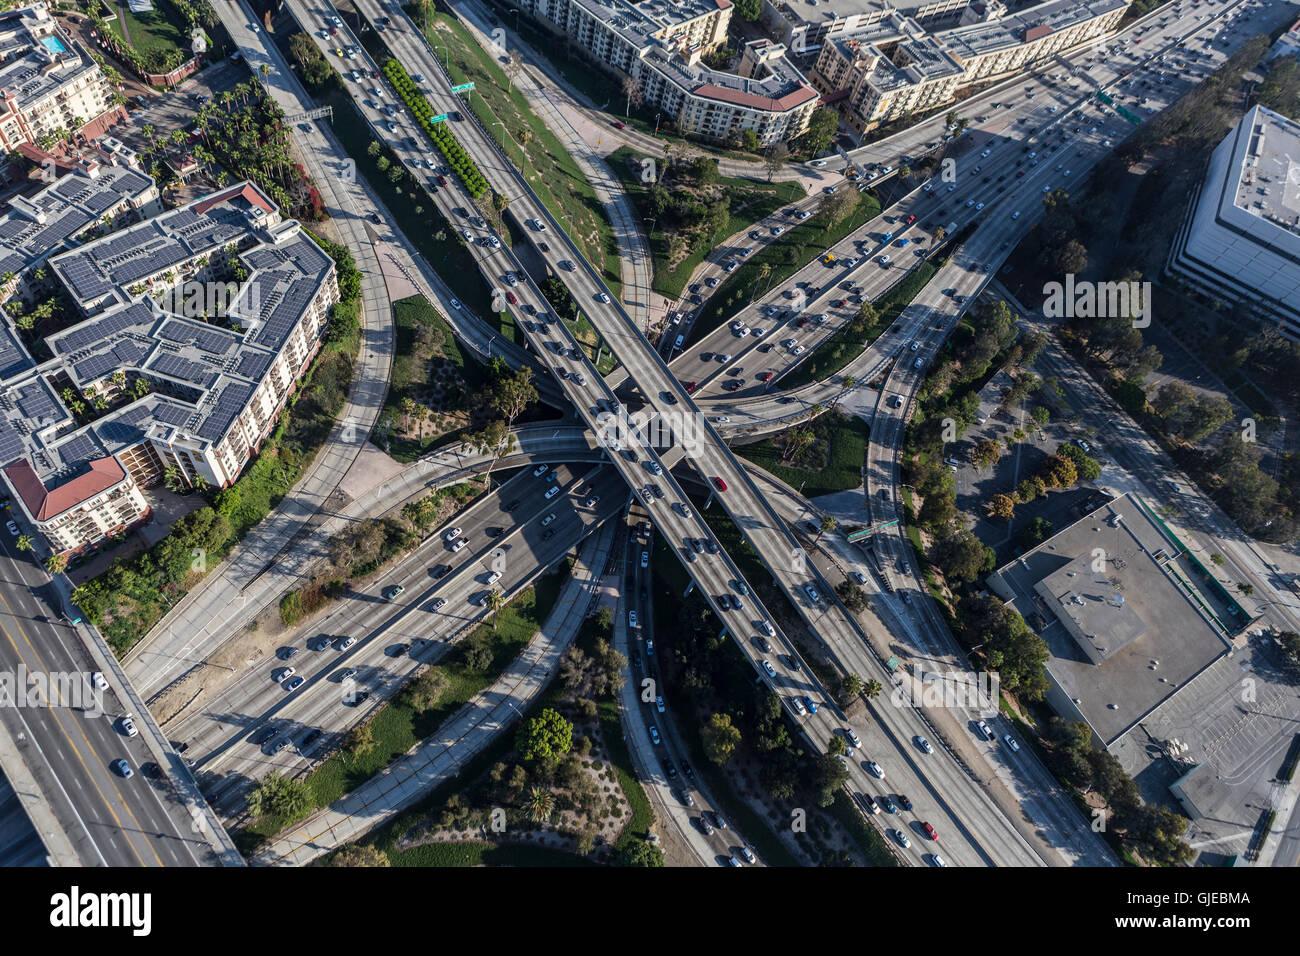 Vista aerea del centro cittadino di Los Angeles Harobr 110 e Hollywood 101 superstrade a quattro livelli di interscambio. Foto Stock